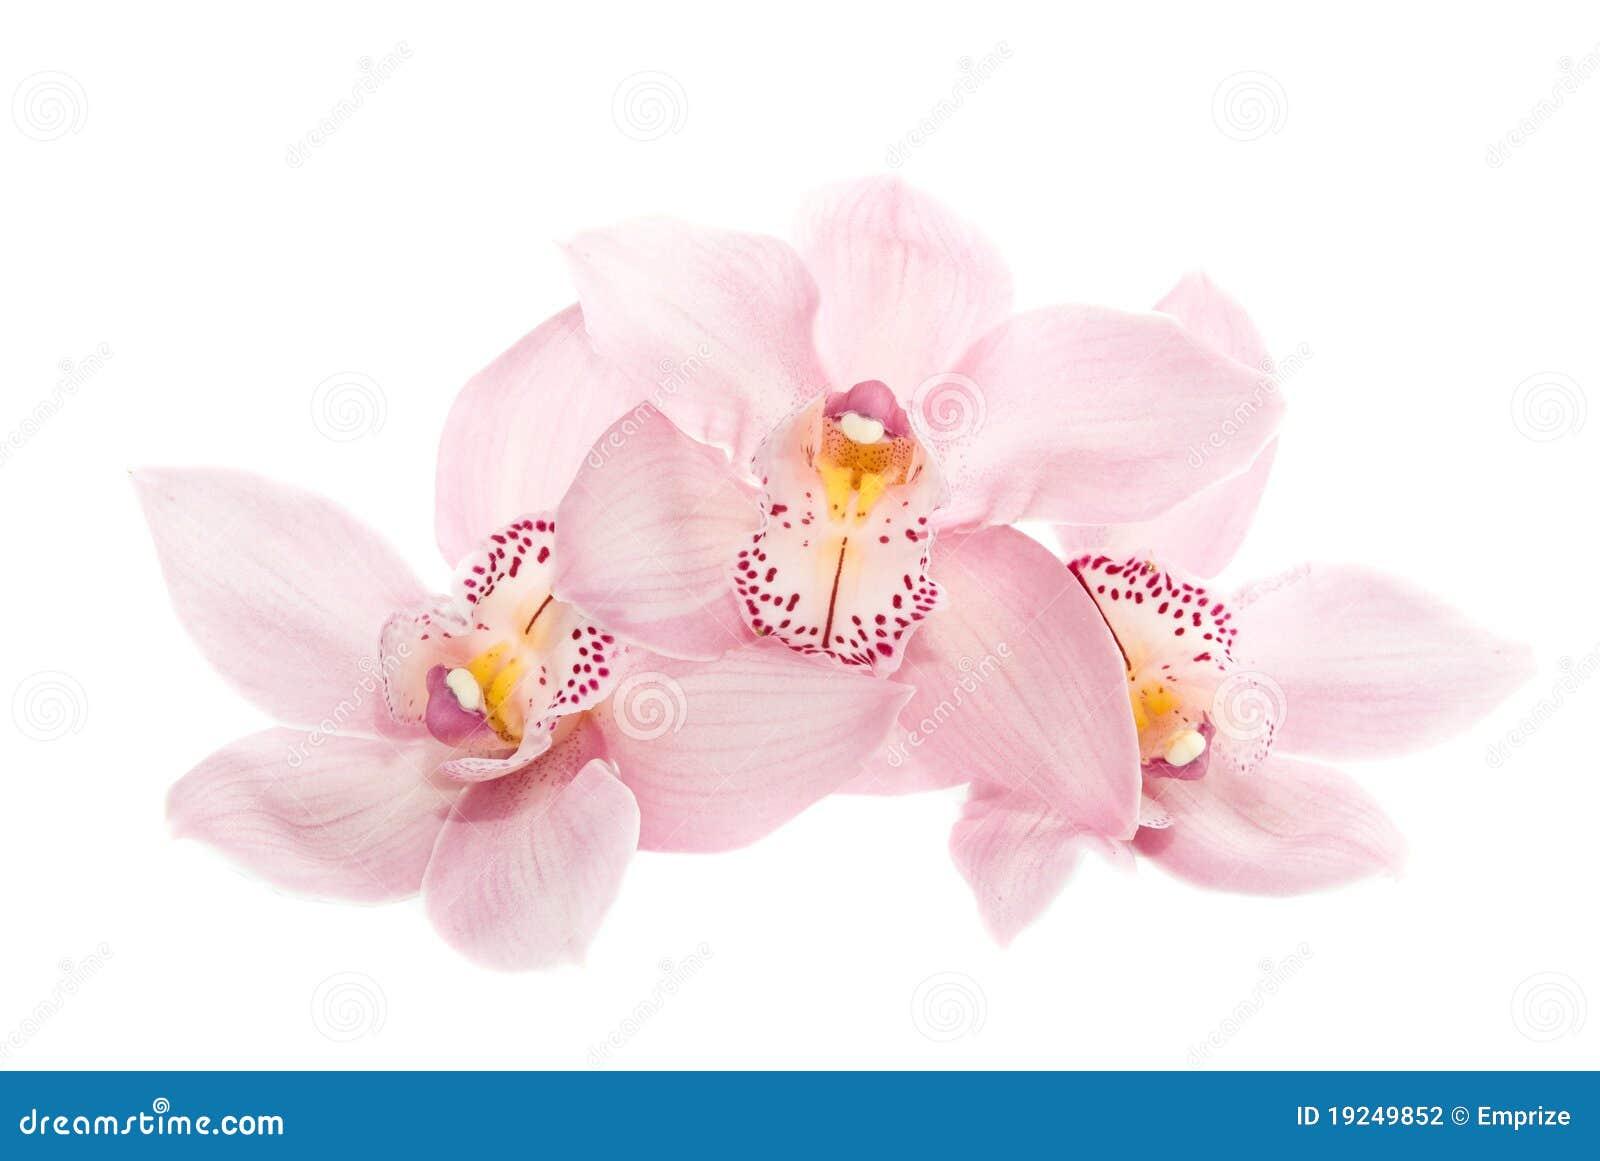 Tres orquídeas atractivas aisladas en el fondo blanco